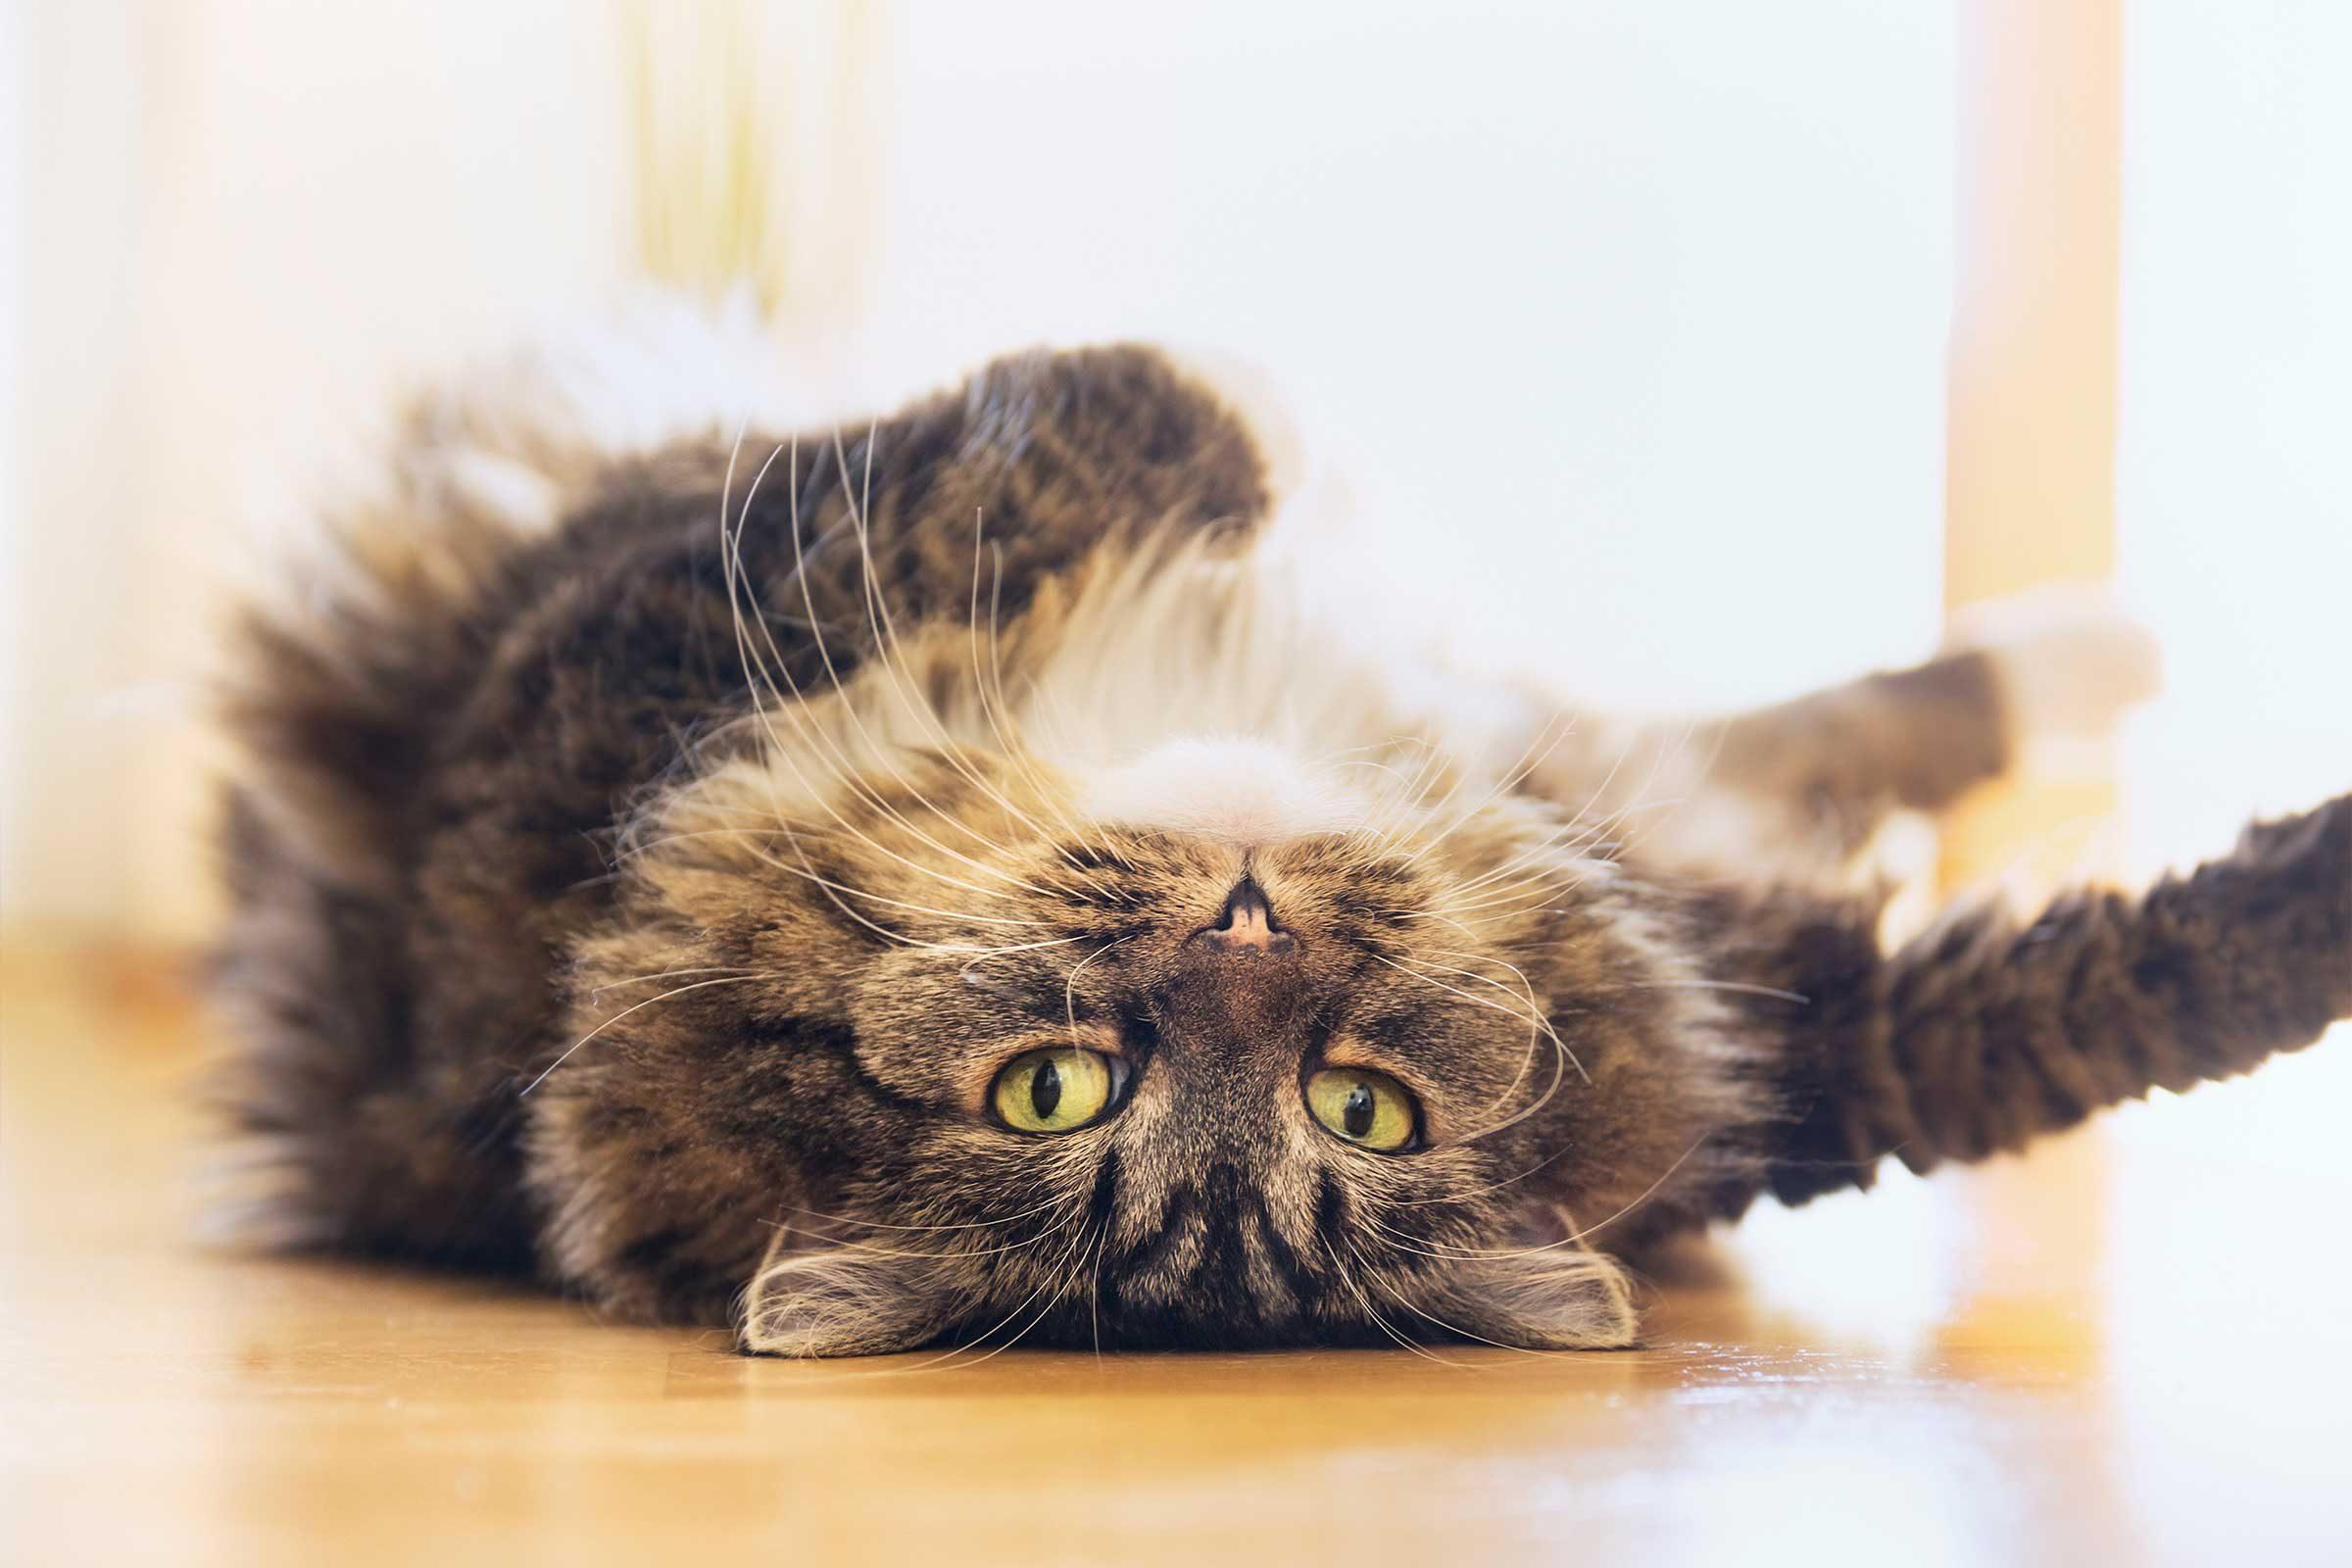 Les chats font souvent des singeries pour attirer l'attention de leur maître.